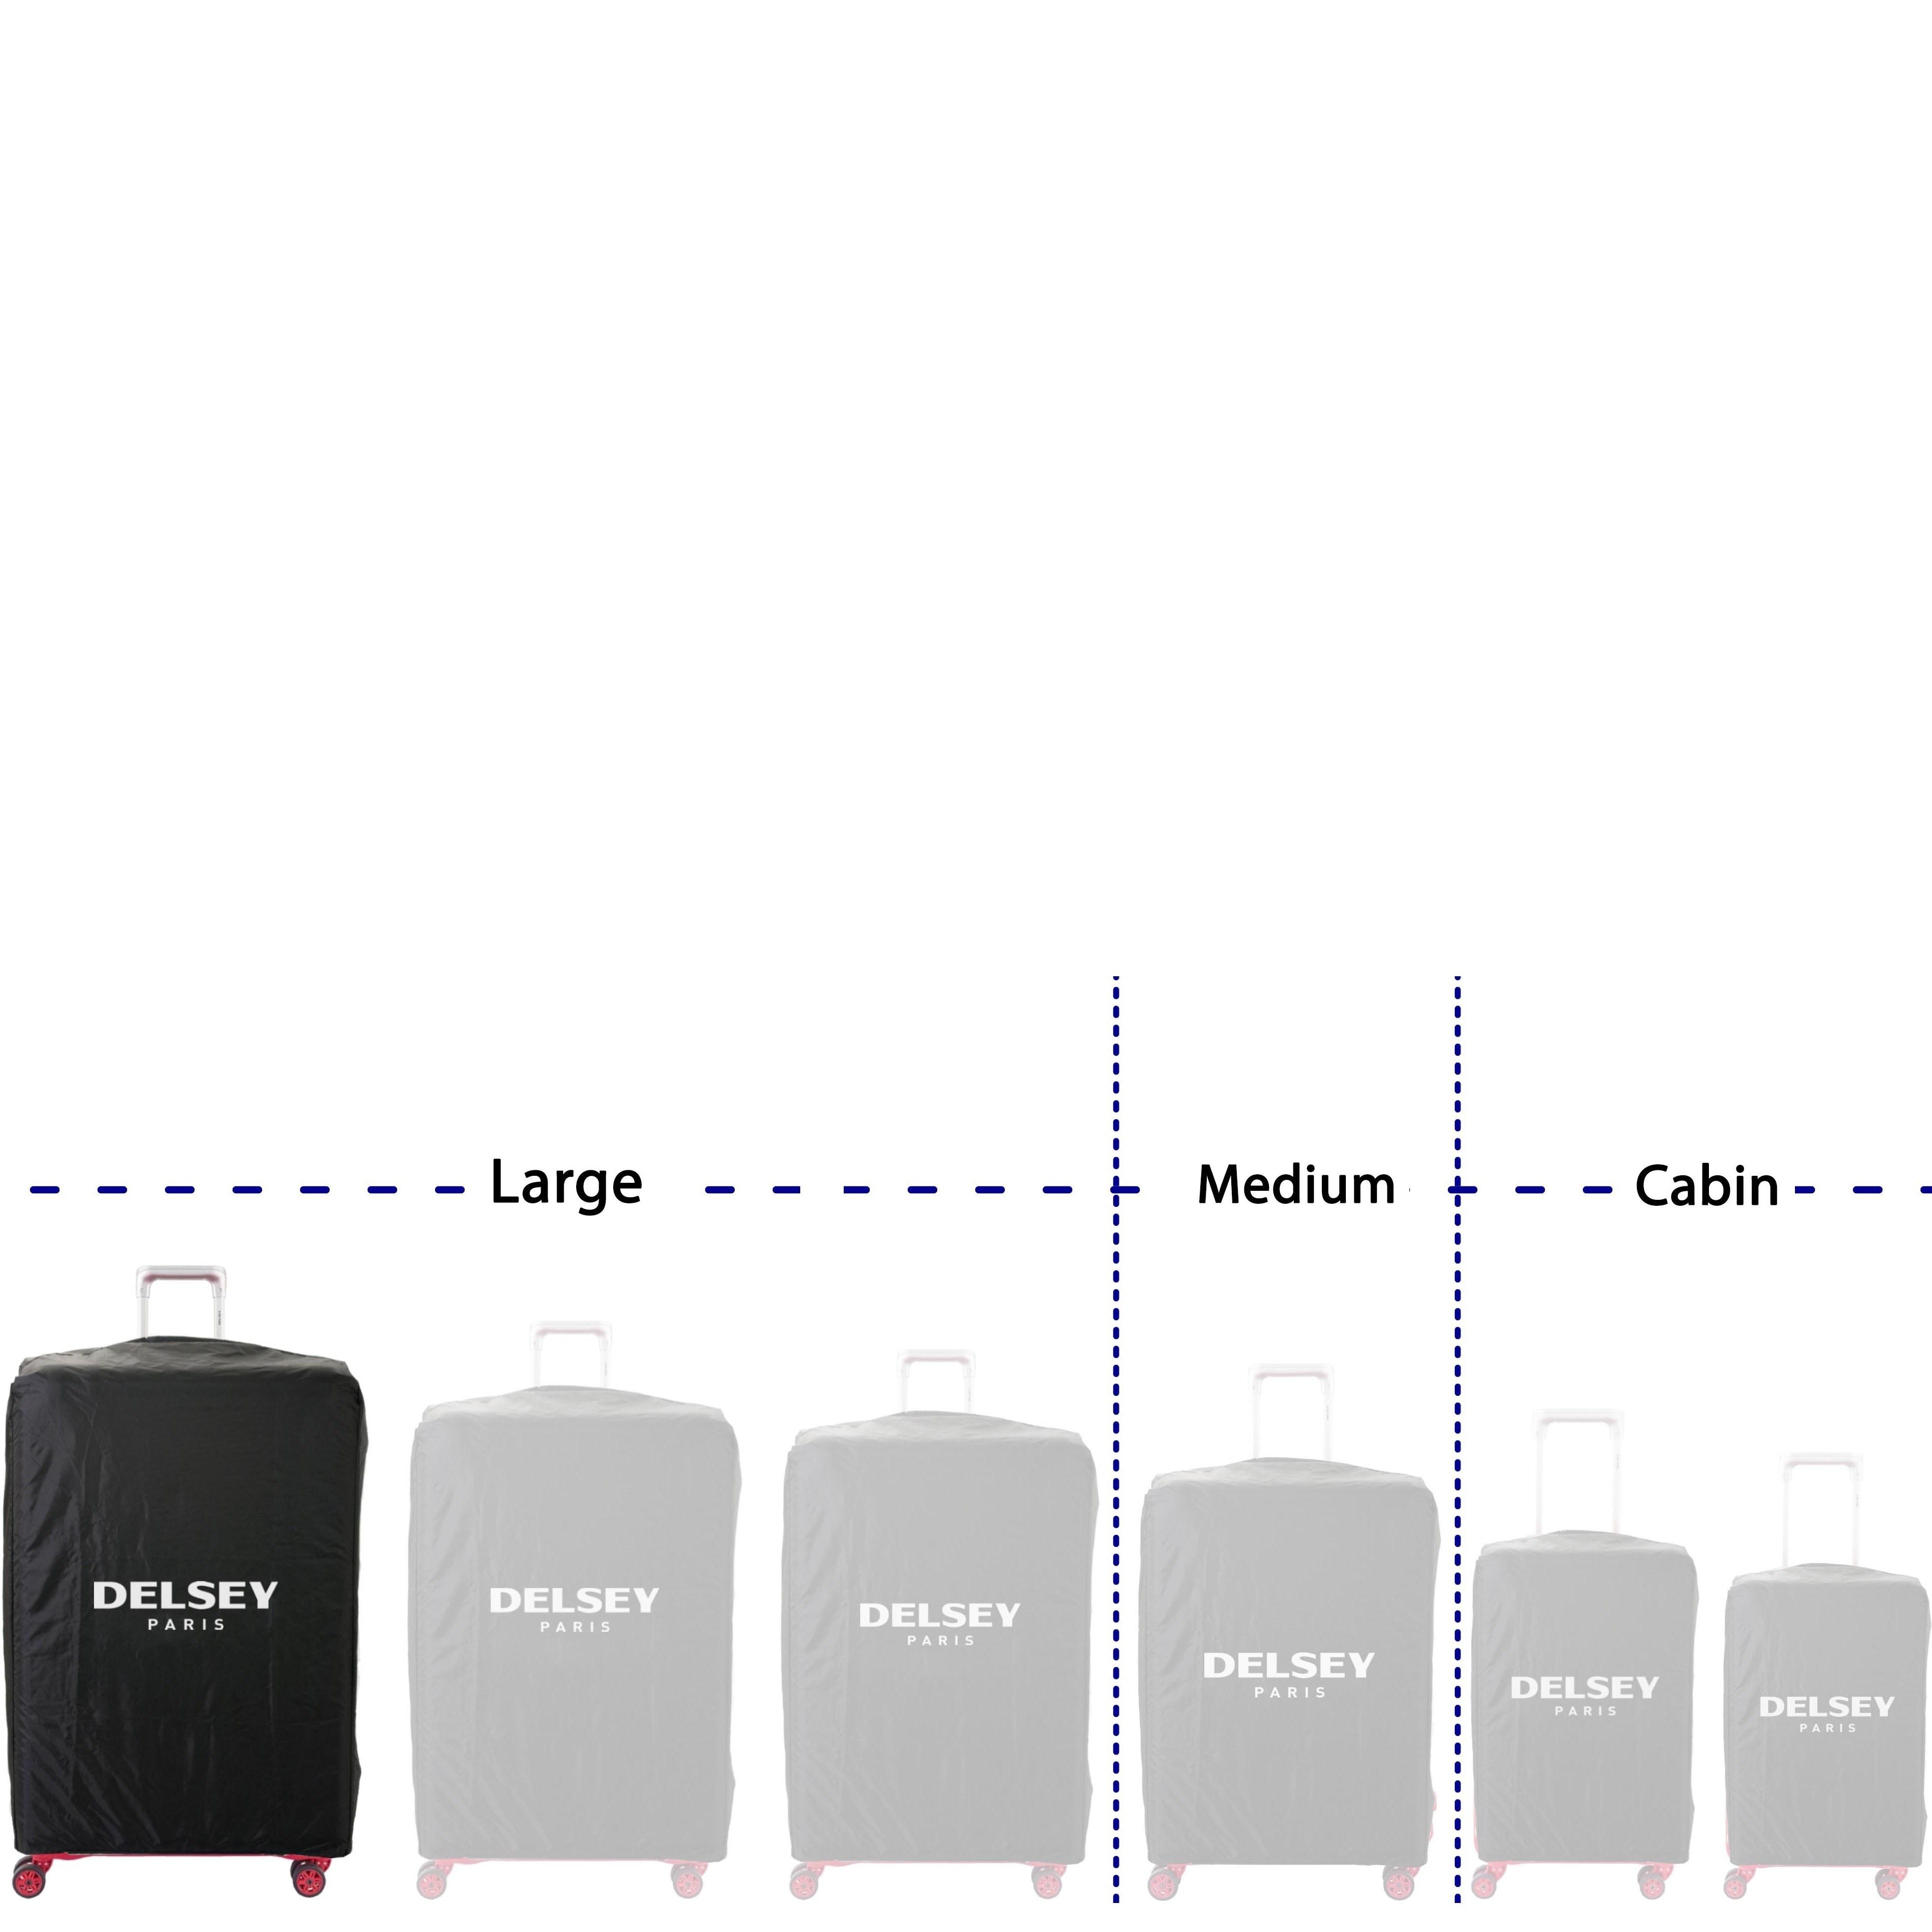 عکس کاور چمدان دلسی سایز بزرگ ۳۰ کیلویی  کاور-چمدان-دلسی-سایز-بزرگ-30-کیلویی